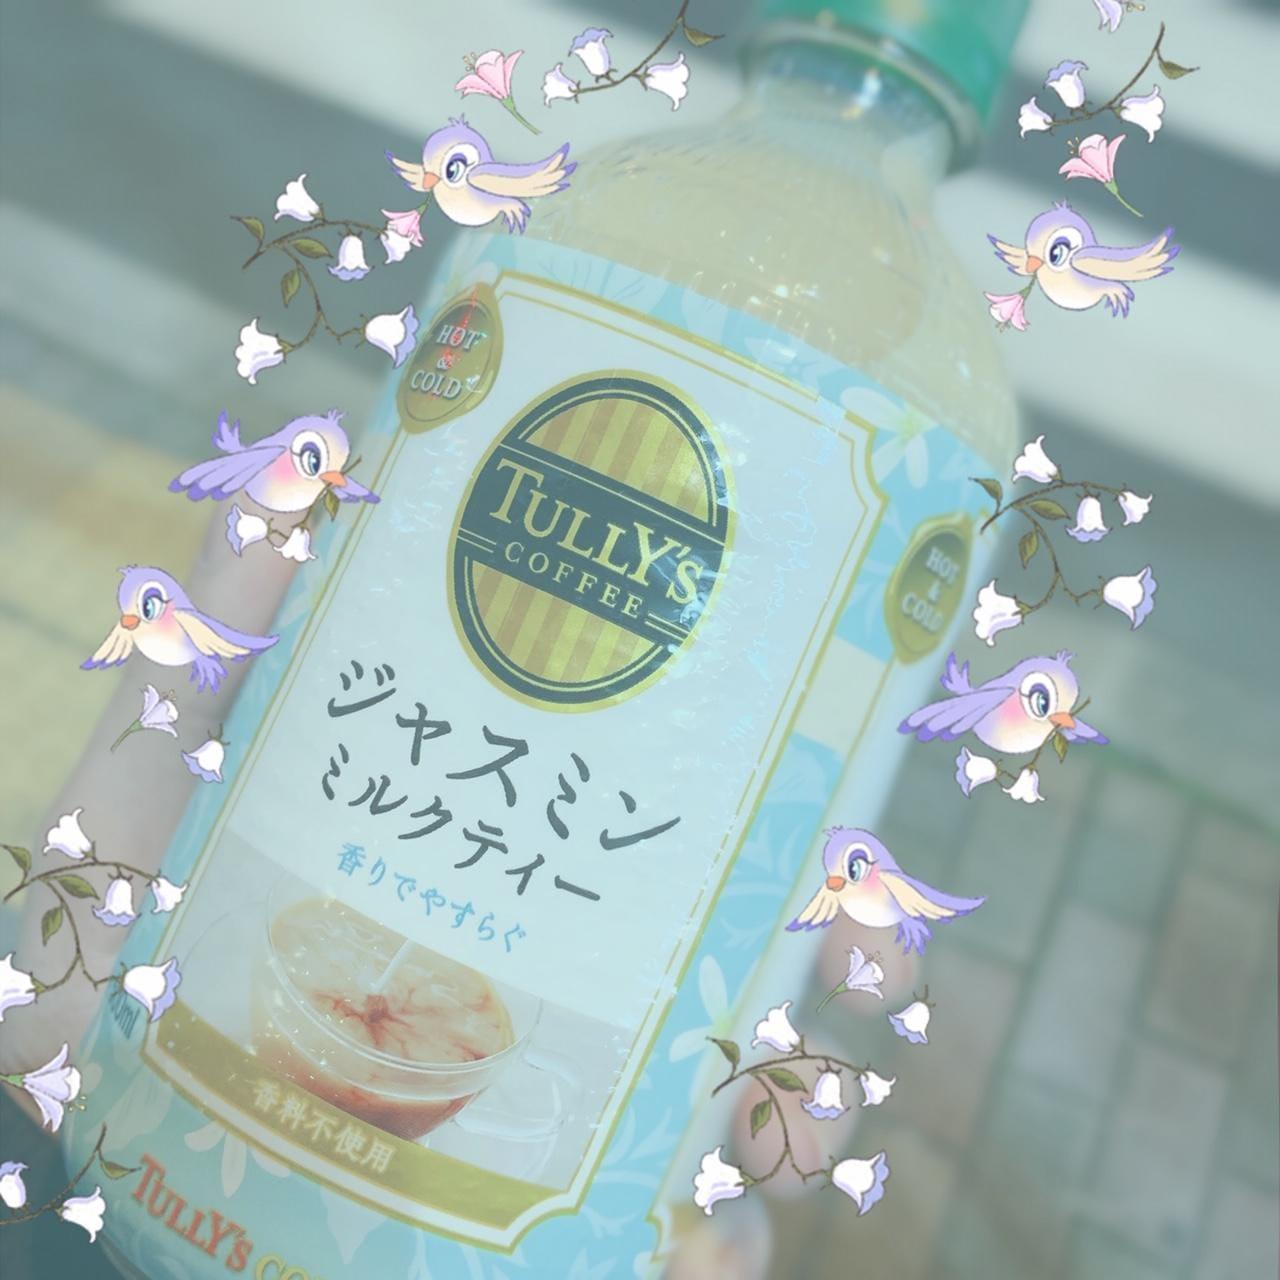 「ありがとうと出勤予定」03/18(03/18) 22:47 | 早見の写メ・風俗動画